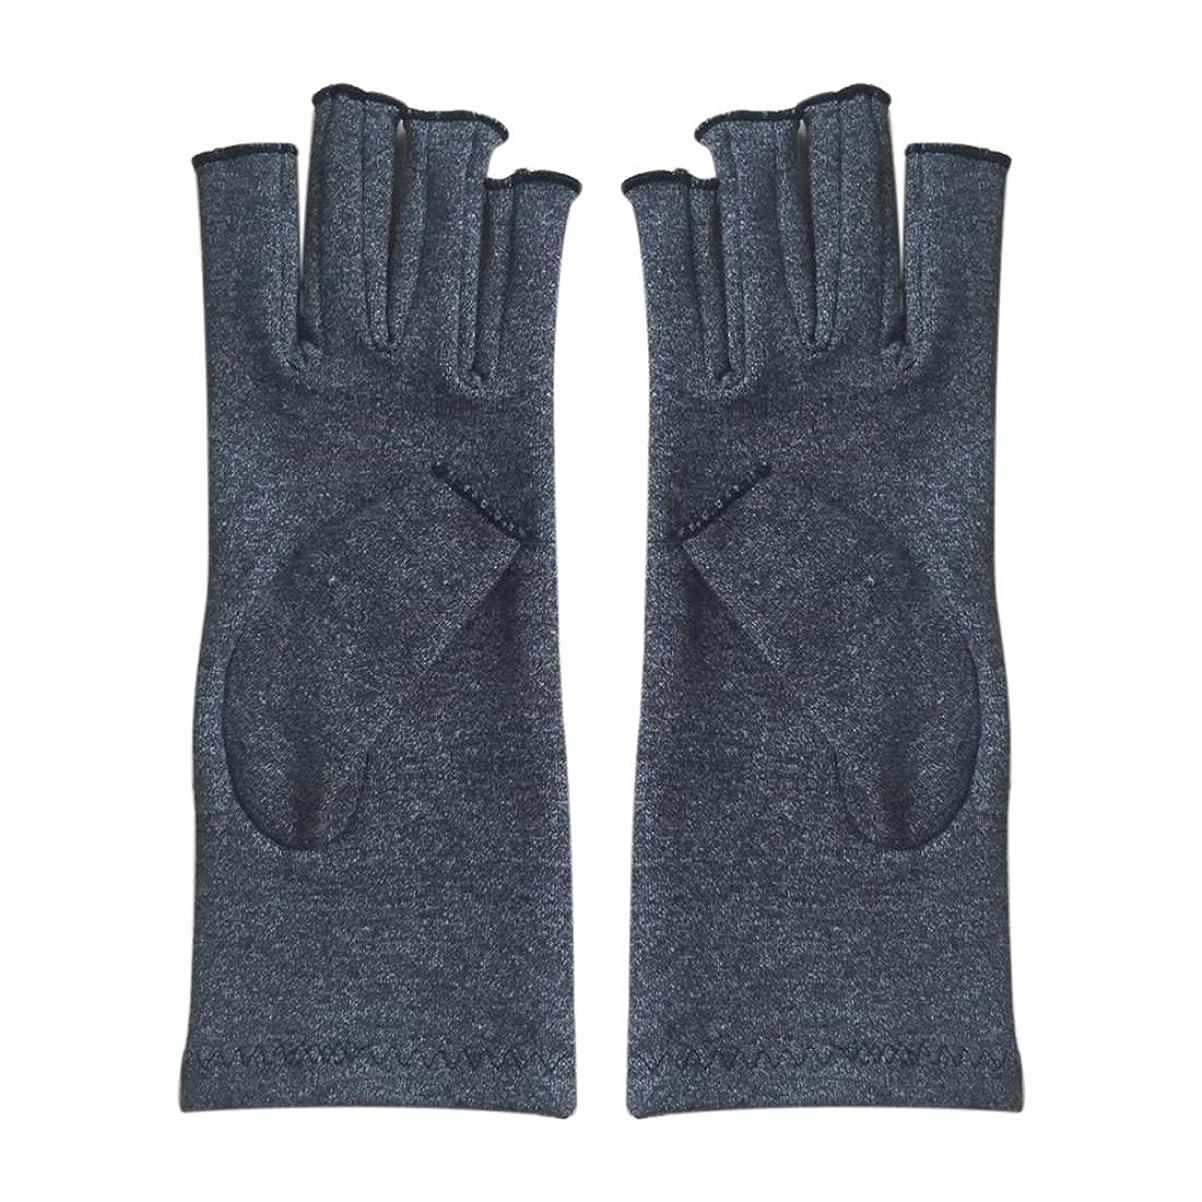 失われたなめるとしてCikuso 1ペア成人男性女性用弾性コットンコンプレッション手袋手関節炎関節痛鎮痛軽減M - 灰色、M